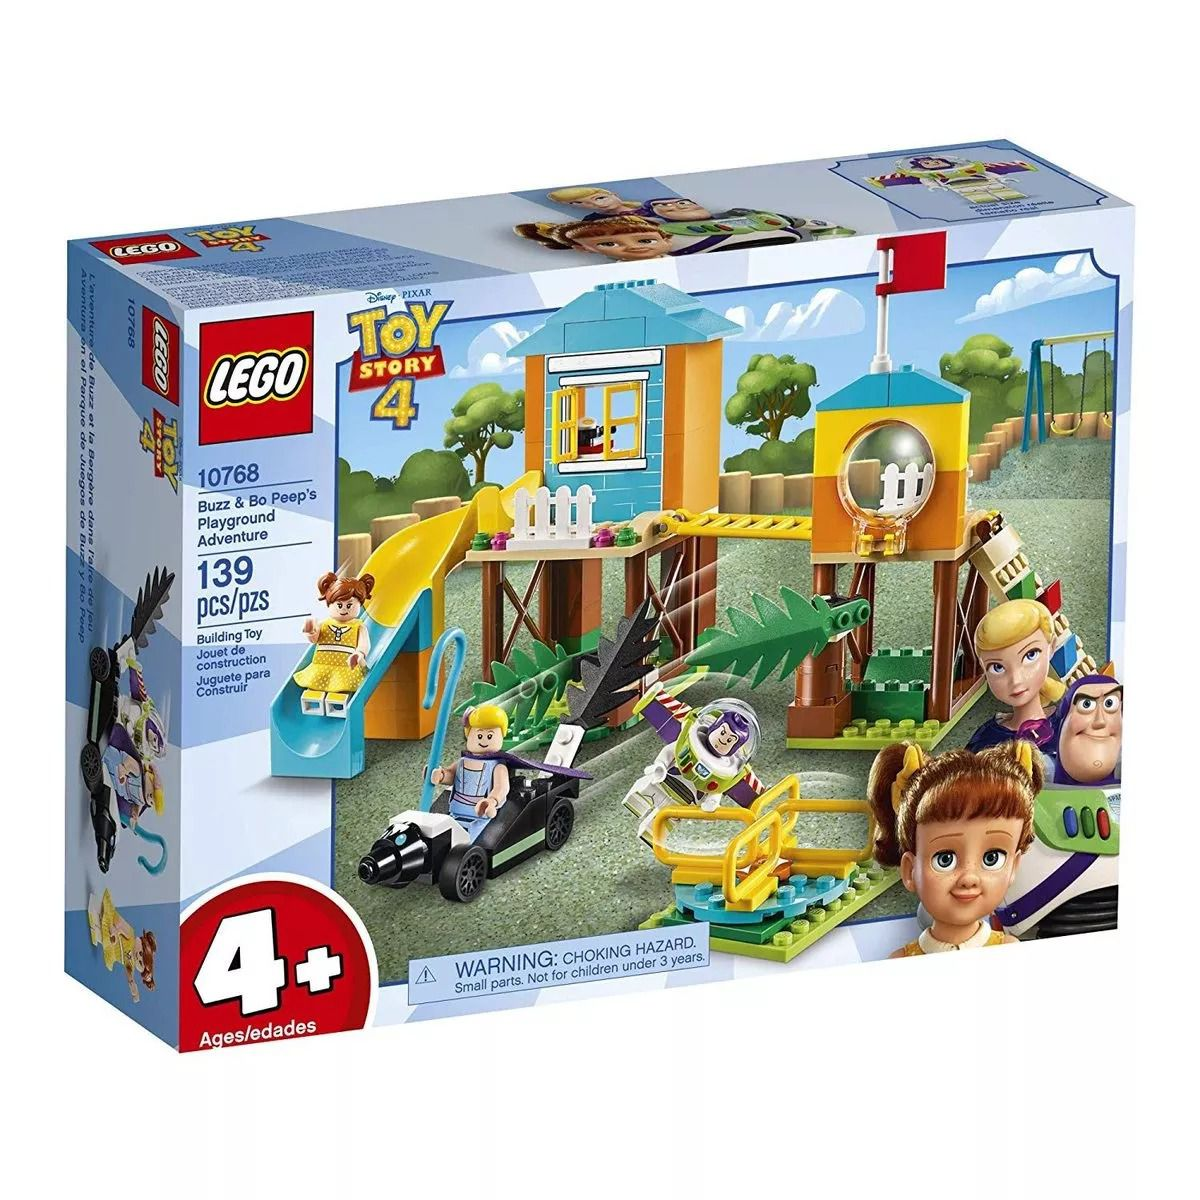 Lego 10768 Toy Story 4 – Aventura No Playground De Buzz , Betty e Gabby – 139 peças